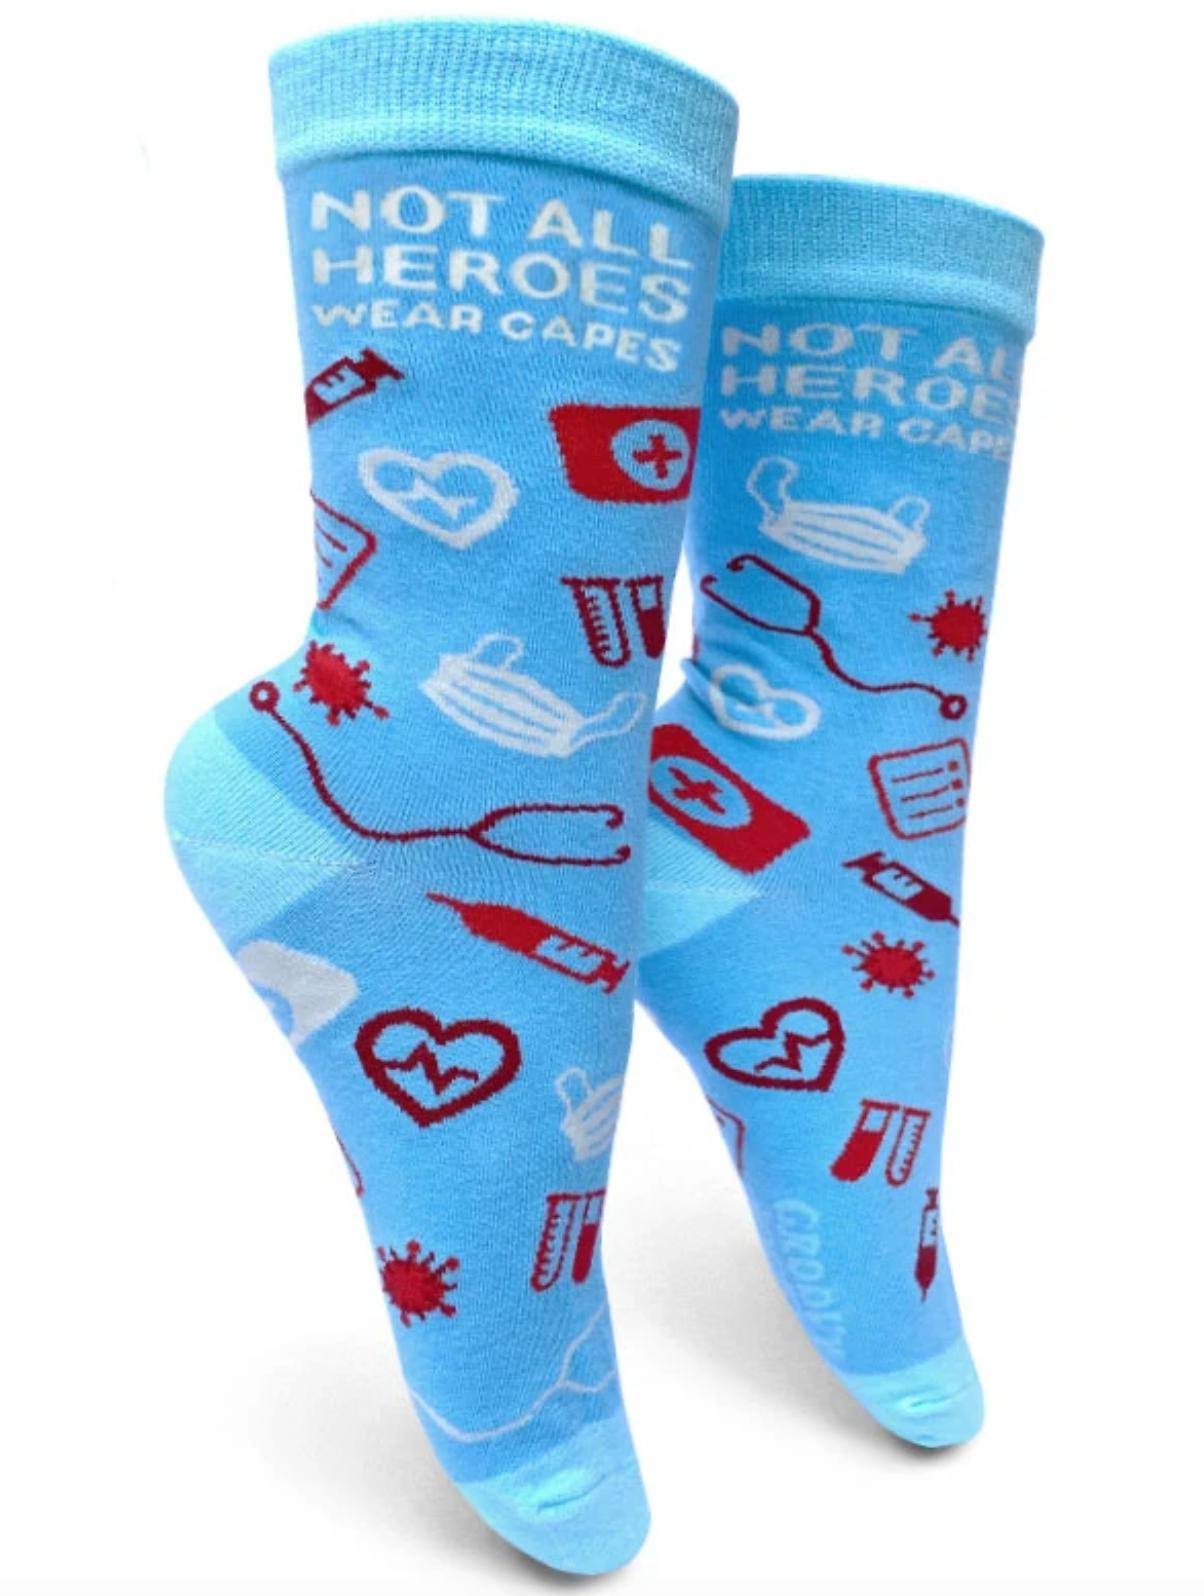 Groovy Things Medical heroes-FINAL SALE